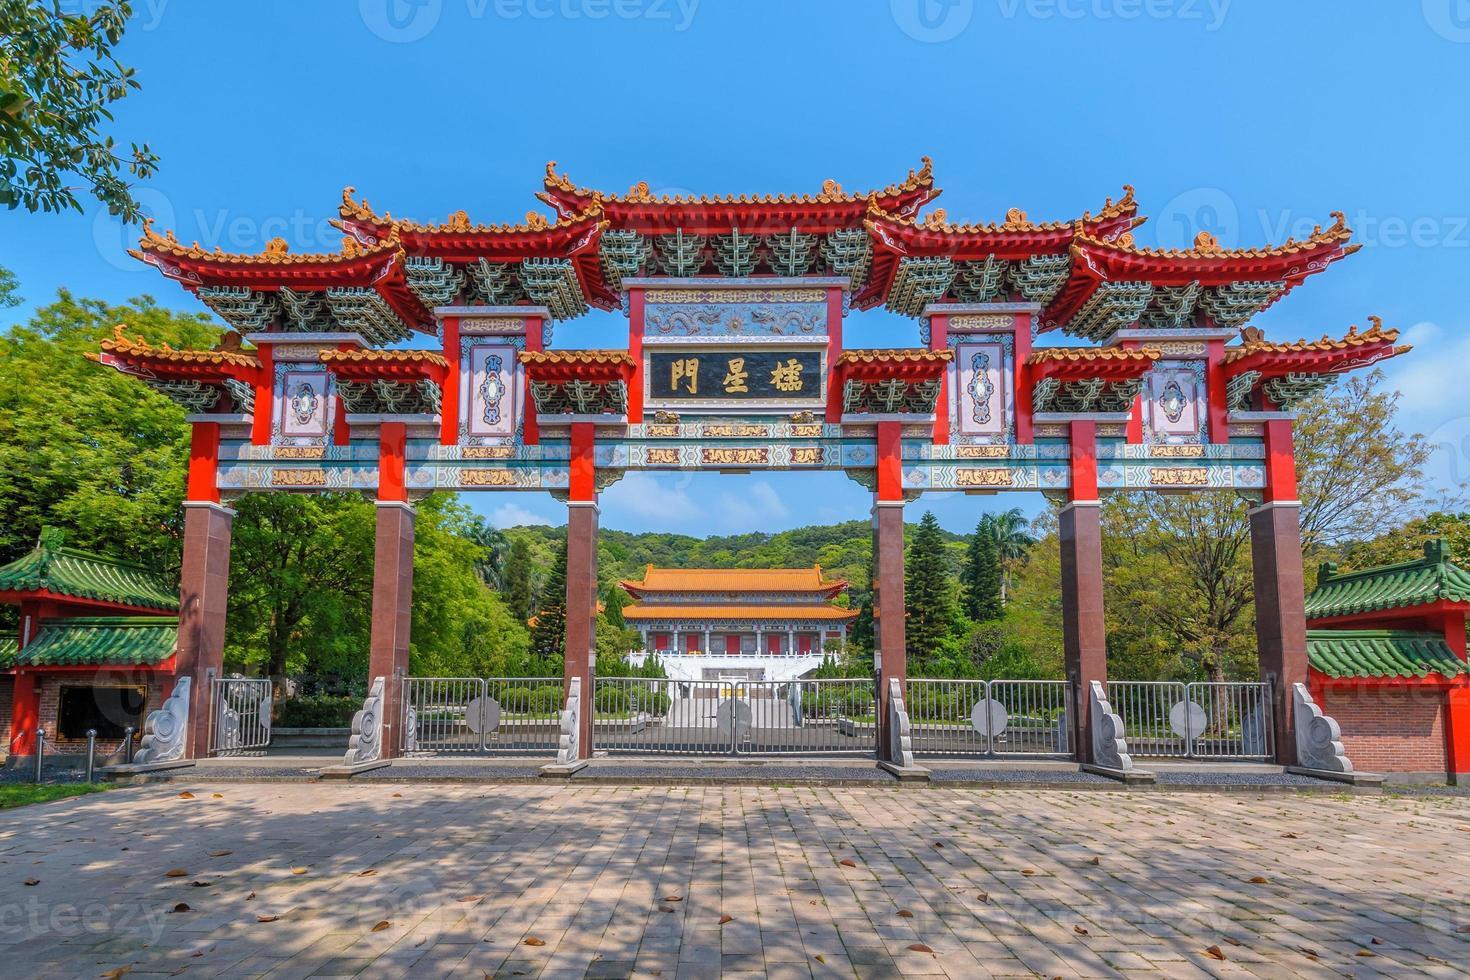 porte d'entrée du temple de confucius à taoyuan, taiwan photo